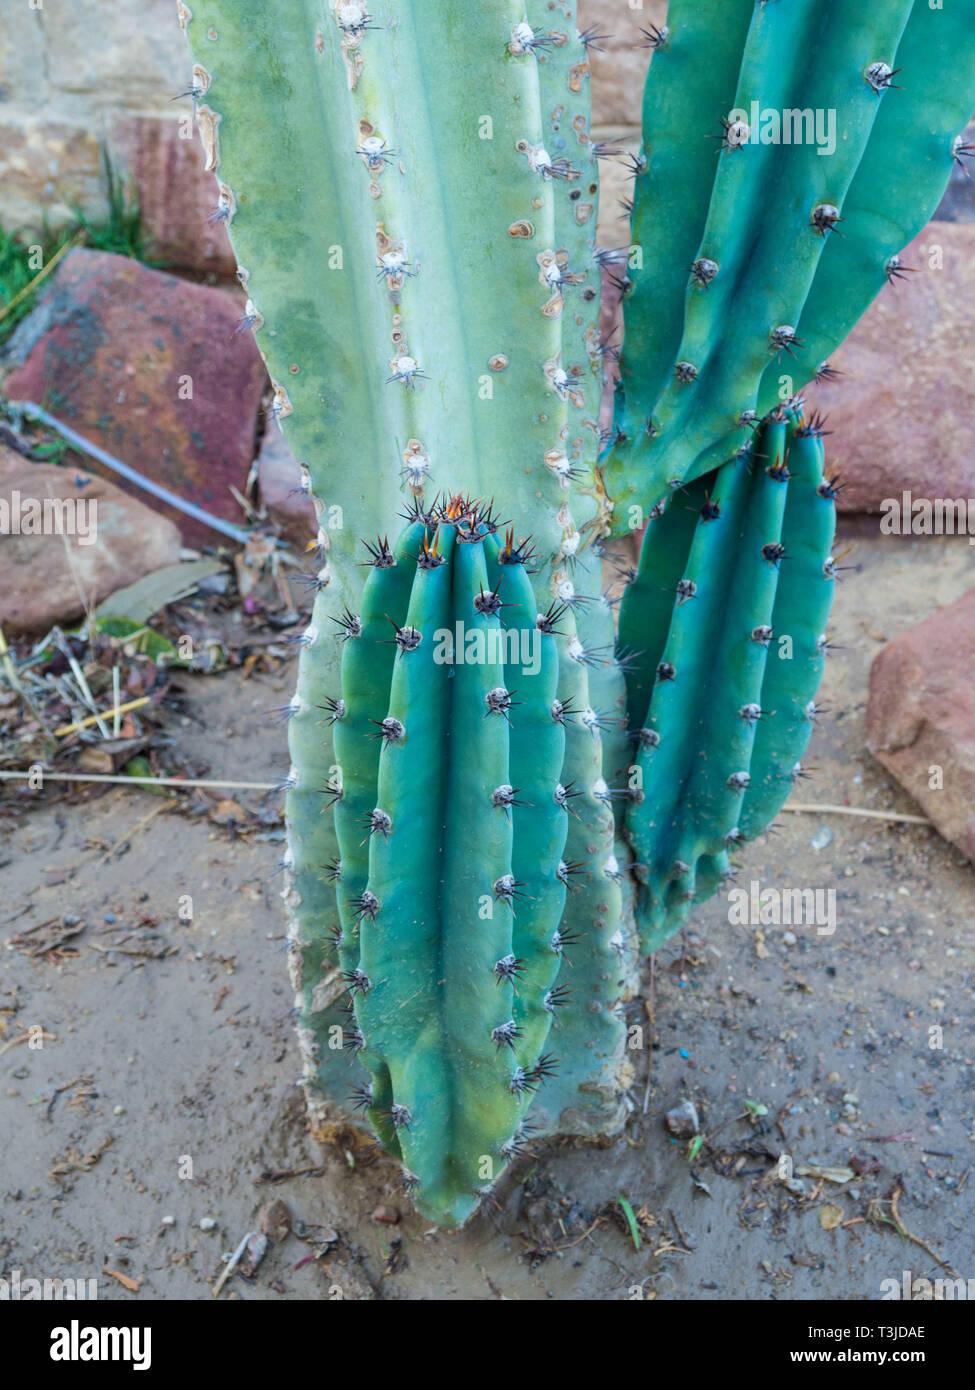 Verde cactus Cereus nopales, cactus, triángulo Organo-alado de pitaya Imagen De Stock